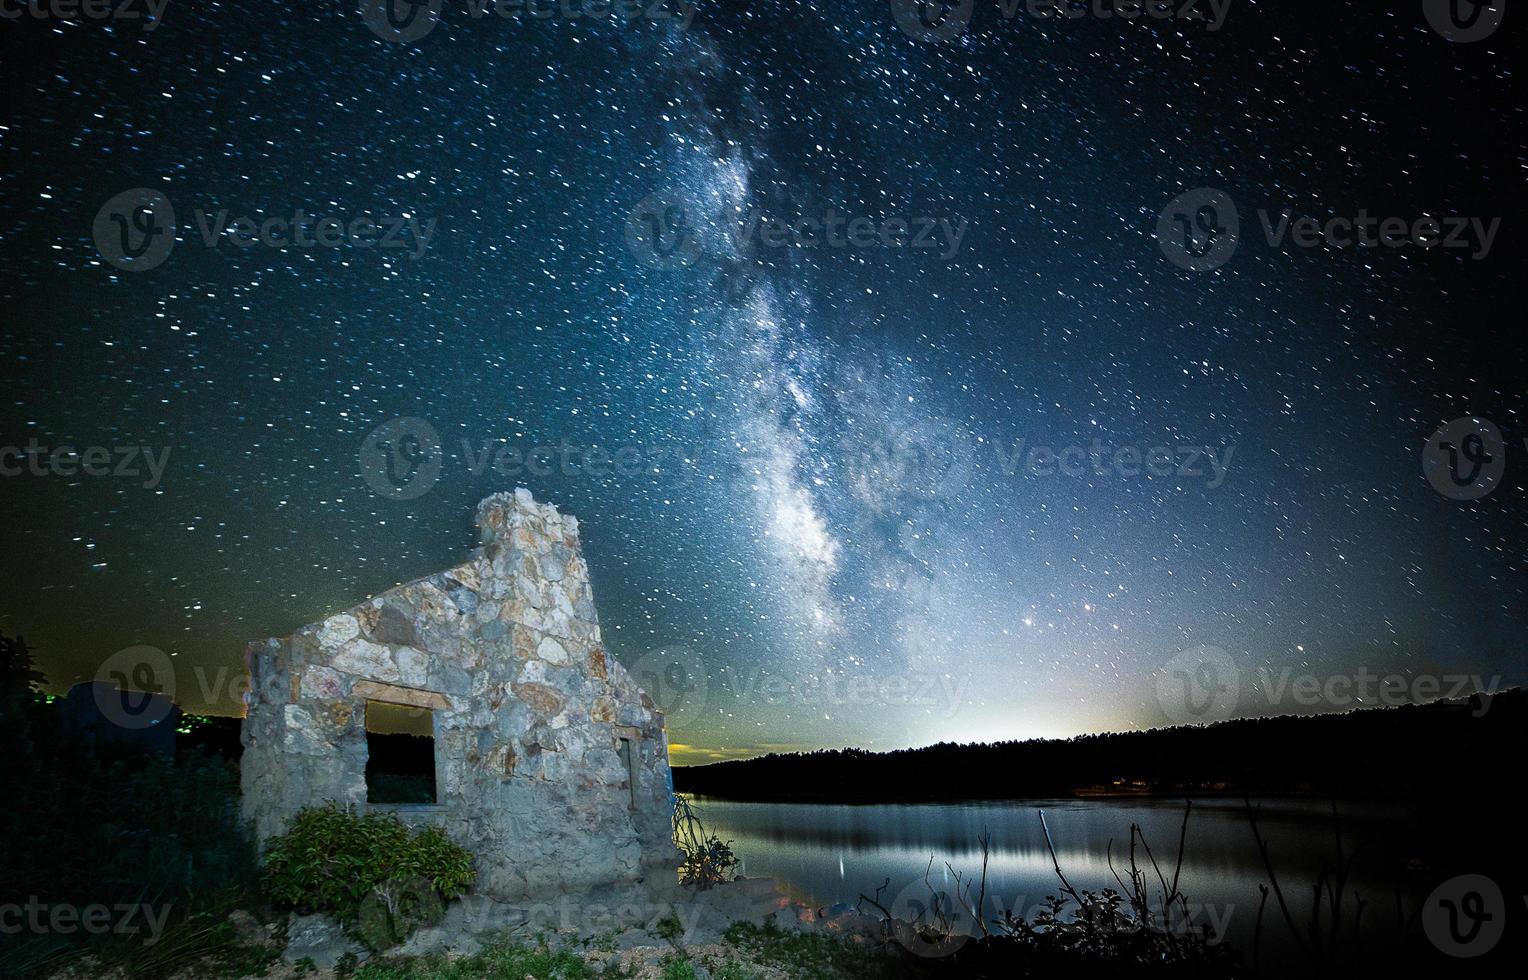 mjölkig galax som lyser ljust över huset foto